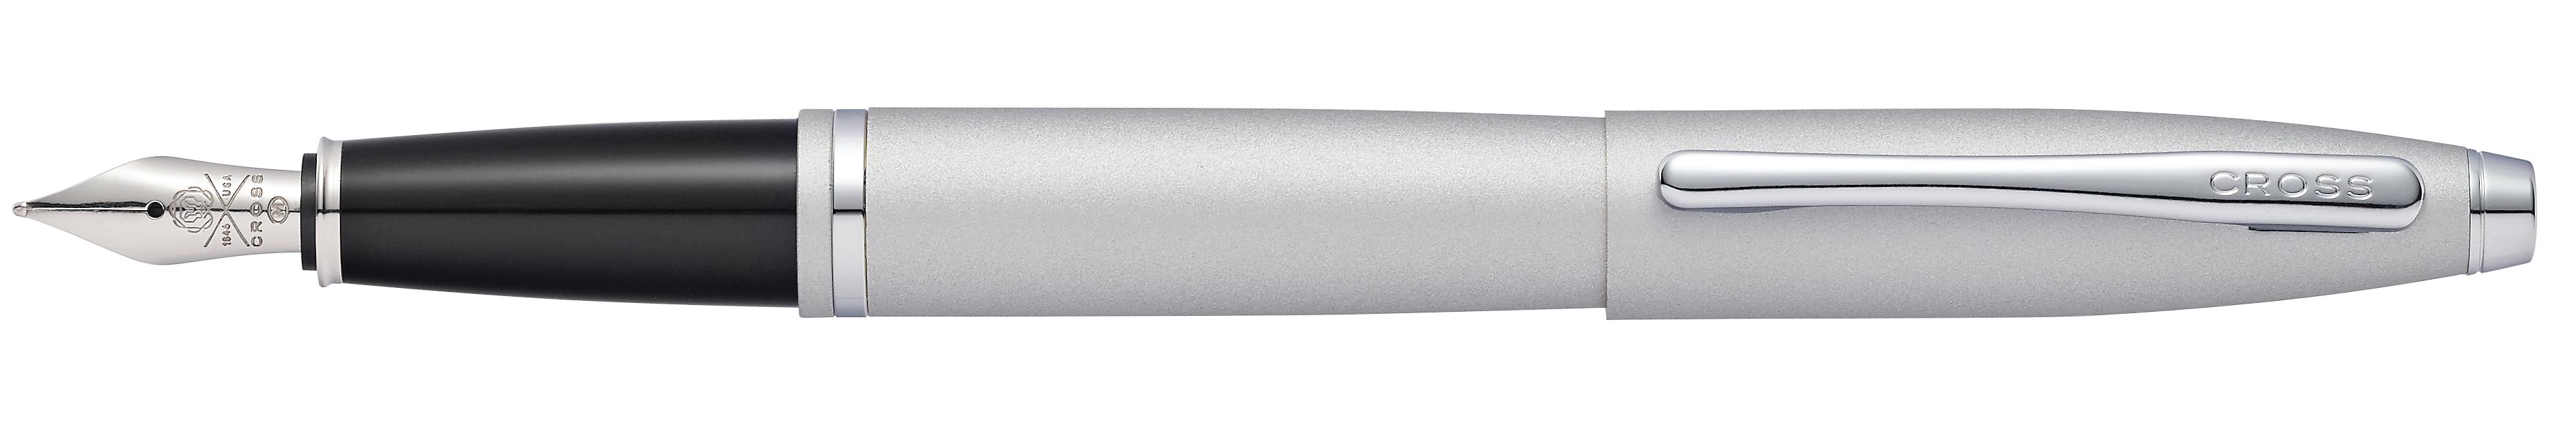 Calais Satin Chrome Fountain Pen - Medium Nib - self-server packageing